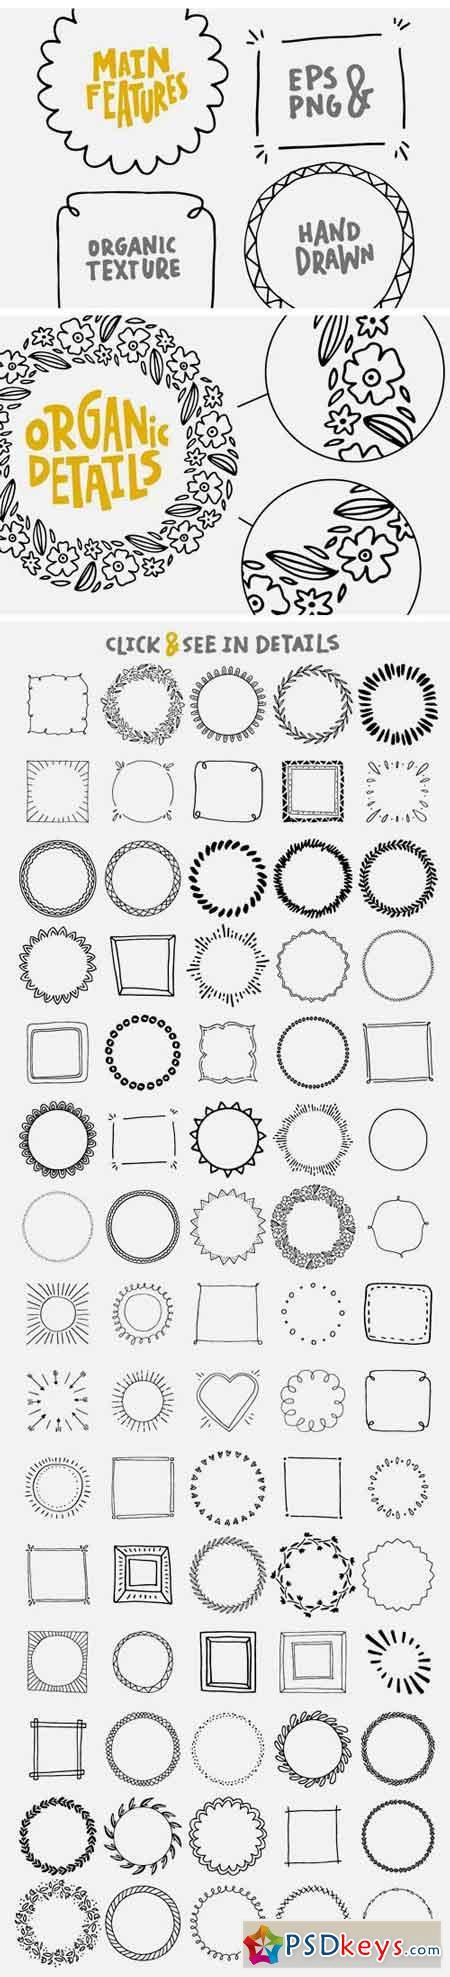 150 Digital Frames (EPS, PNG) 1294789